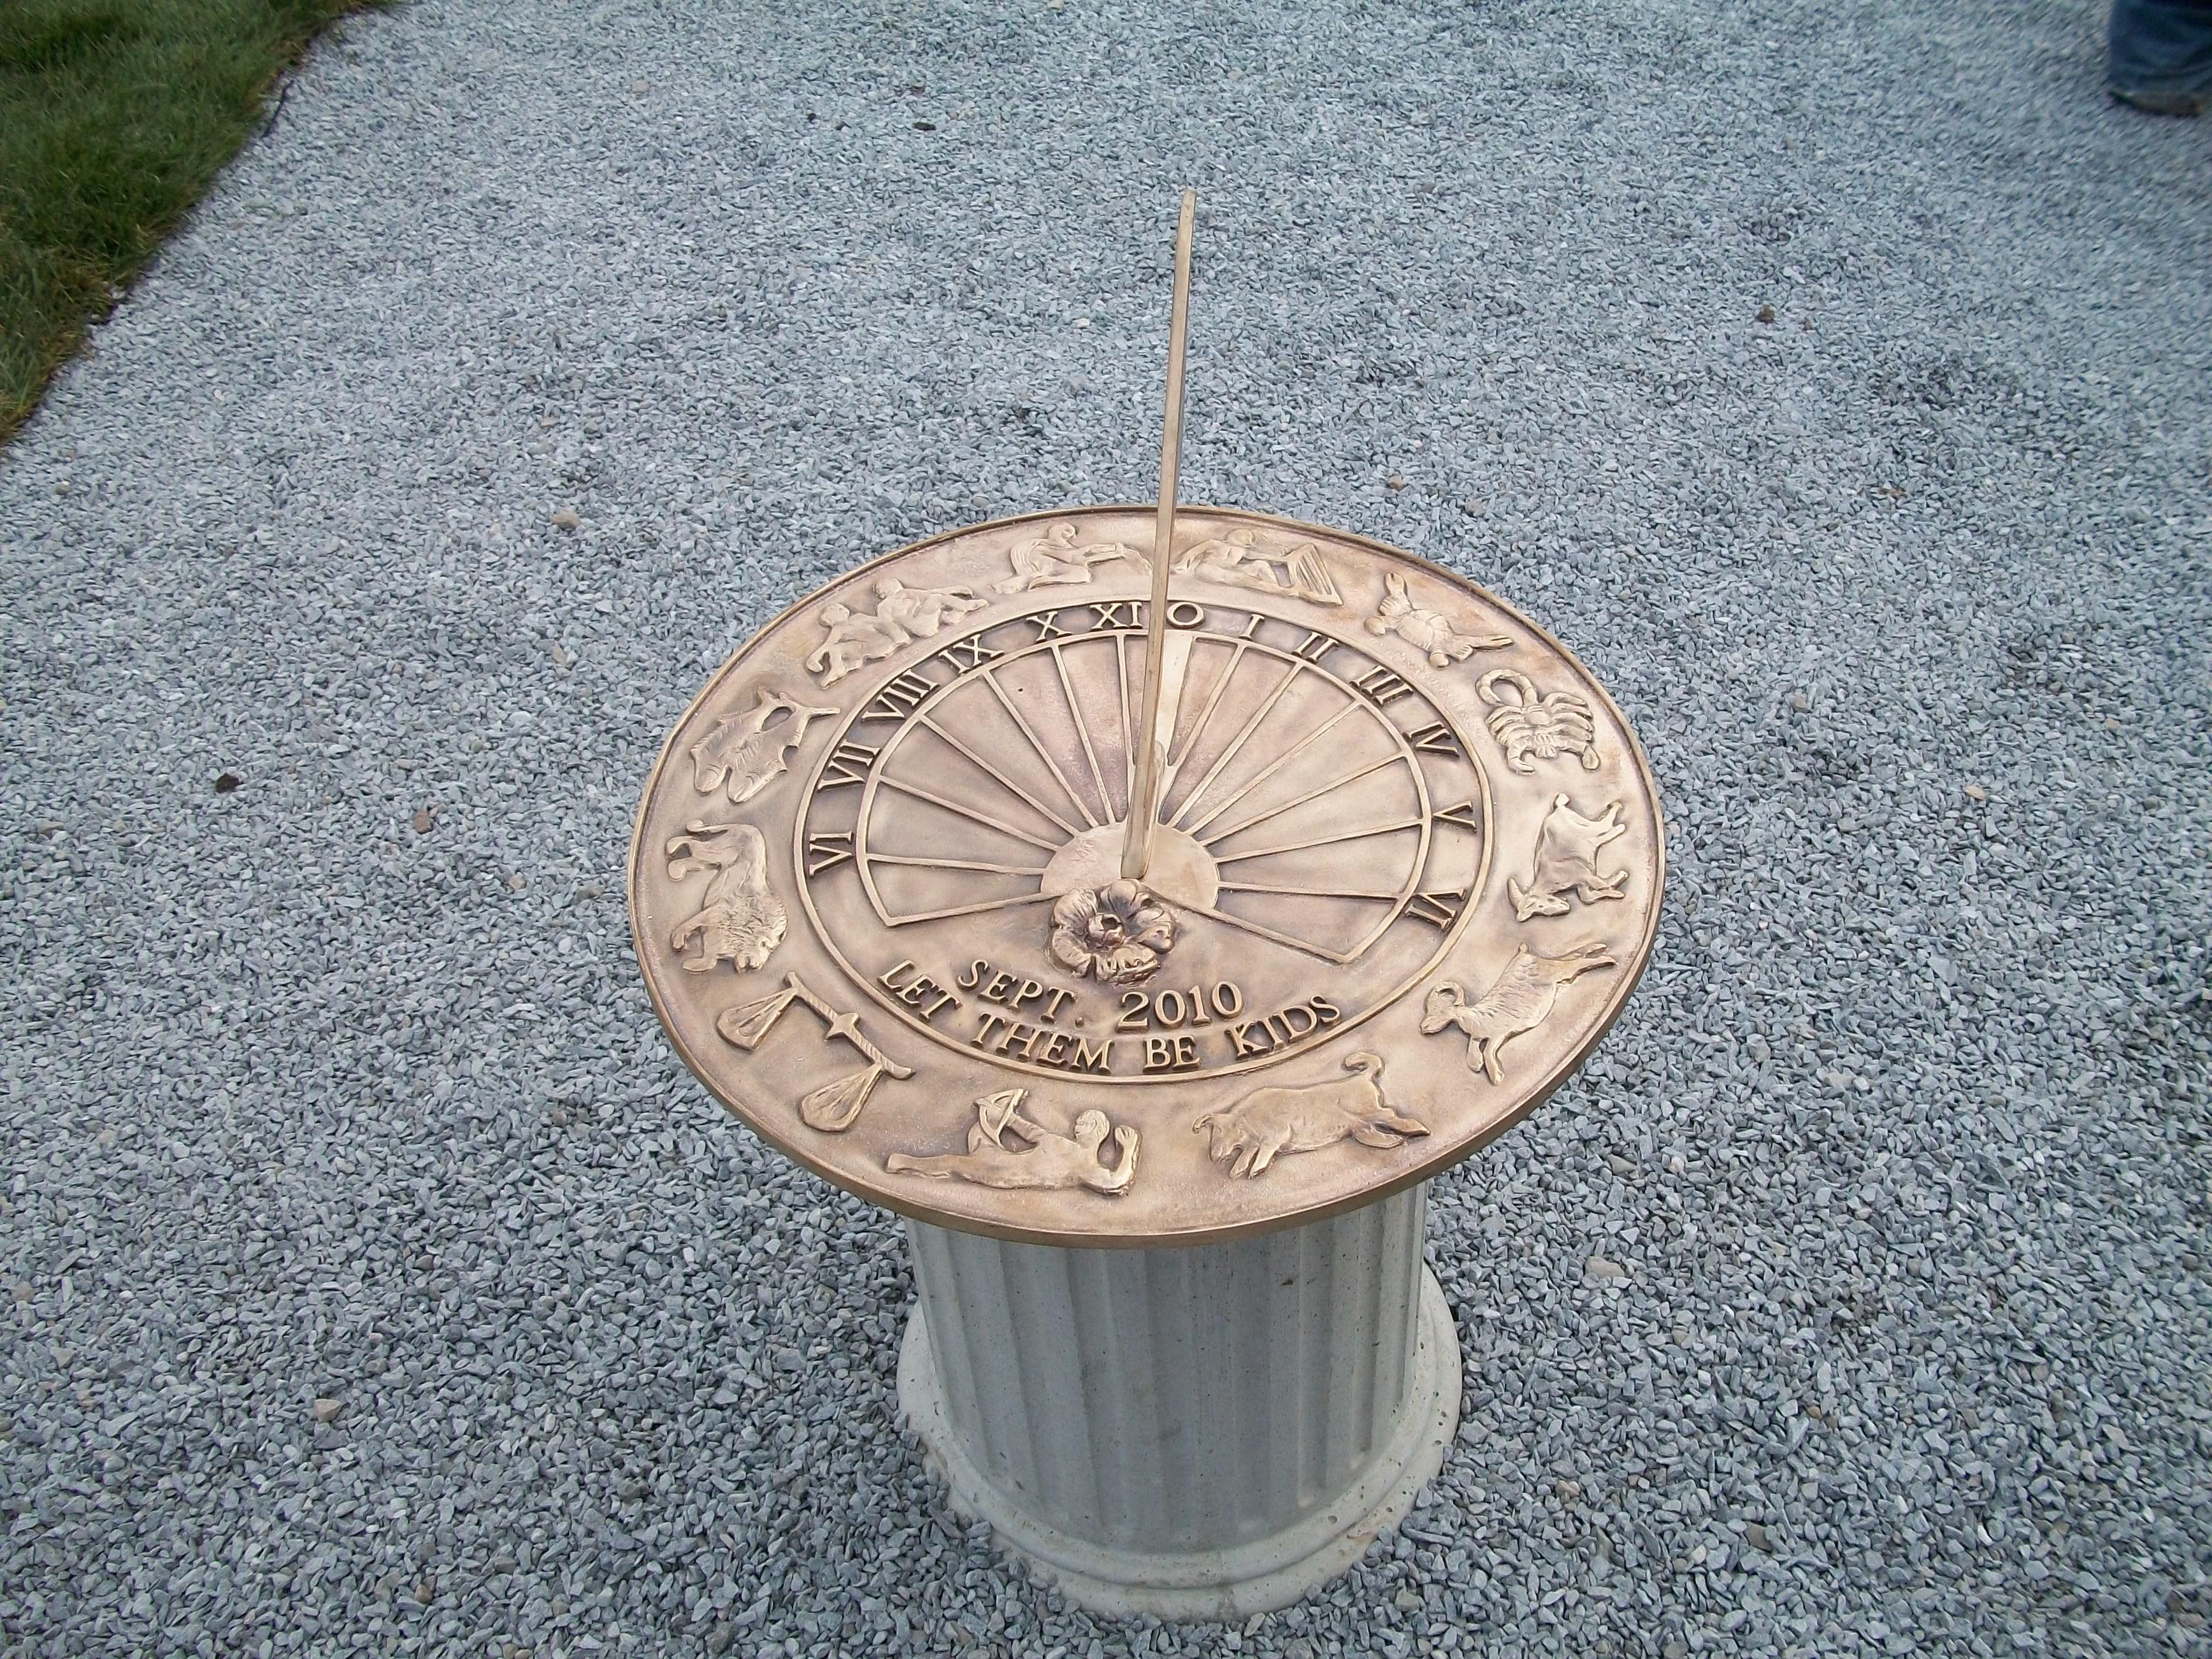 Park sundial